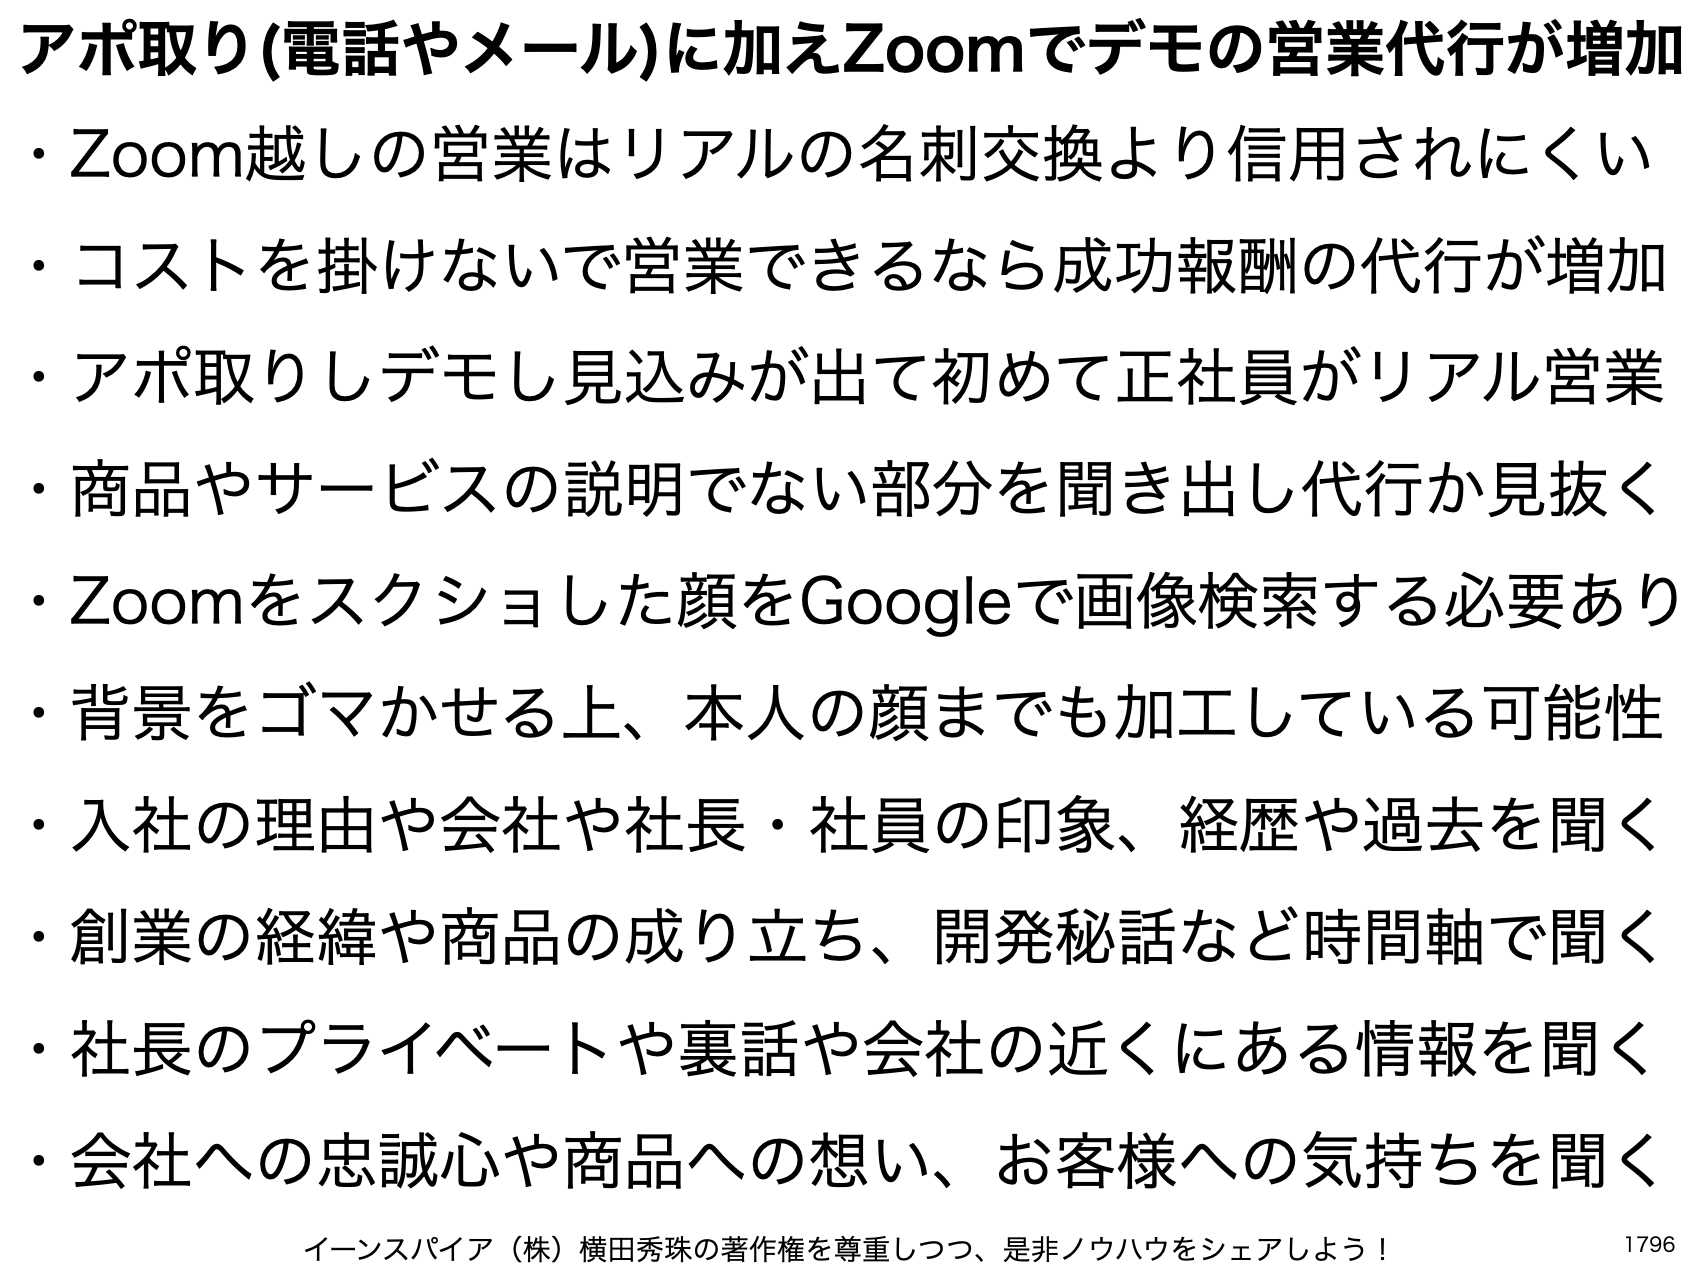 アポ取り(電話やメール)に加えZoomでデモの営業代行が増加